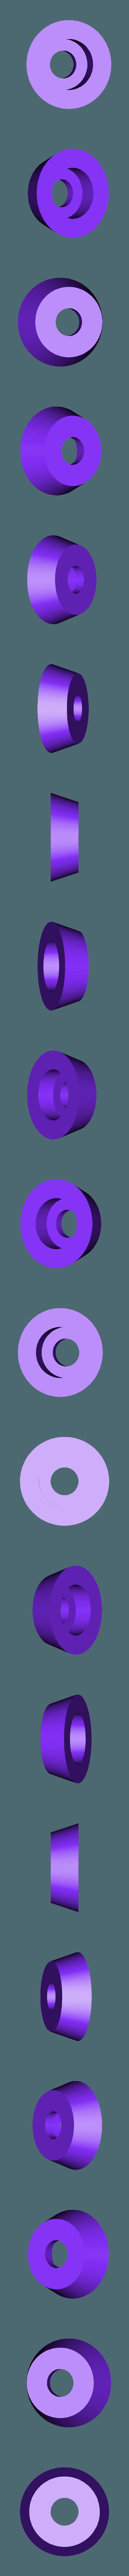 Motor_Mount_v3-0_Washer.STL Télécharger fichier STL gratuit Montage moteur décalé (RigidBot) • Plan pour impression 3D, WalterHsiao